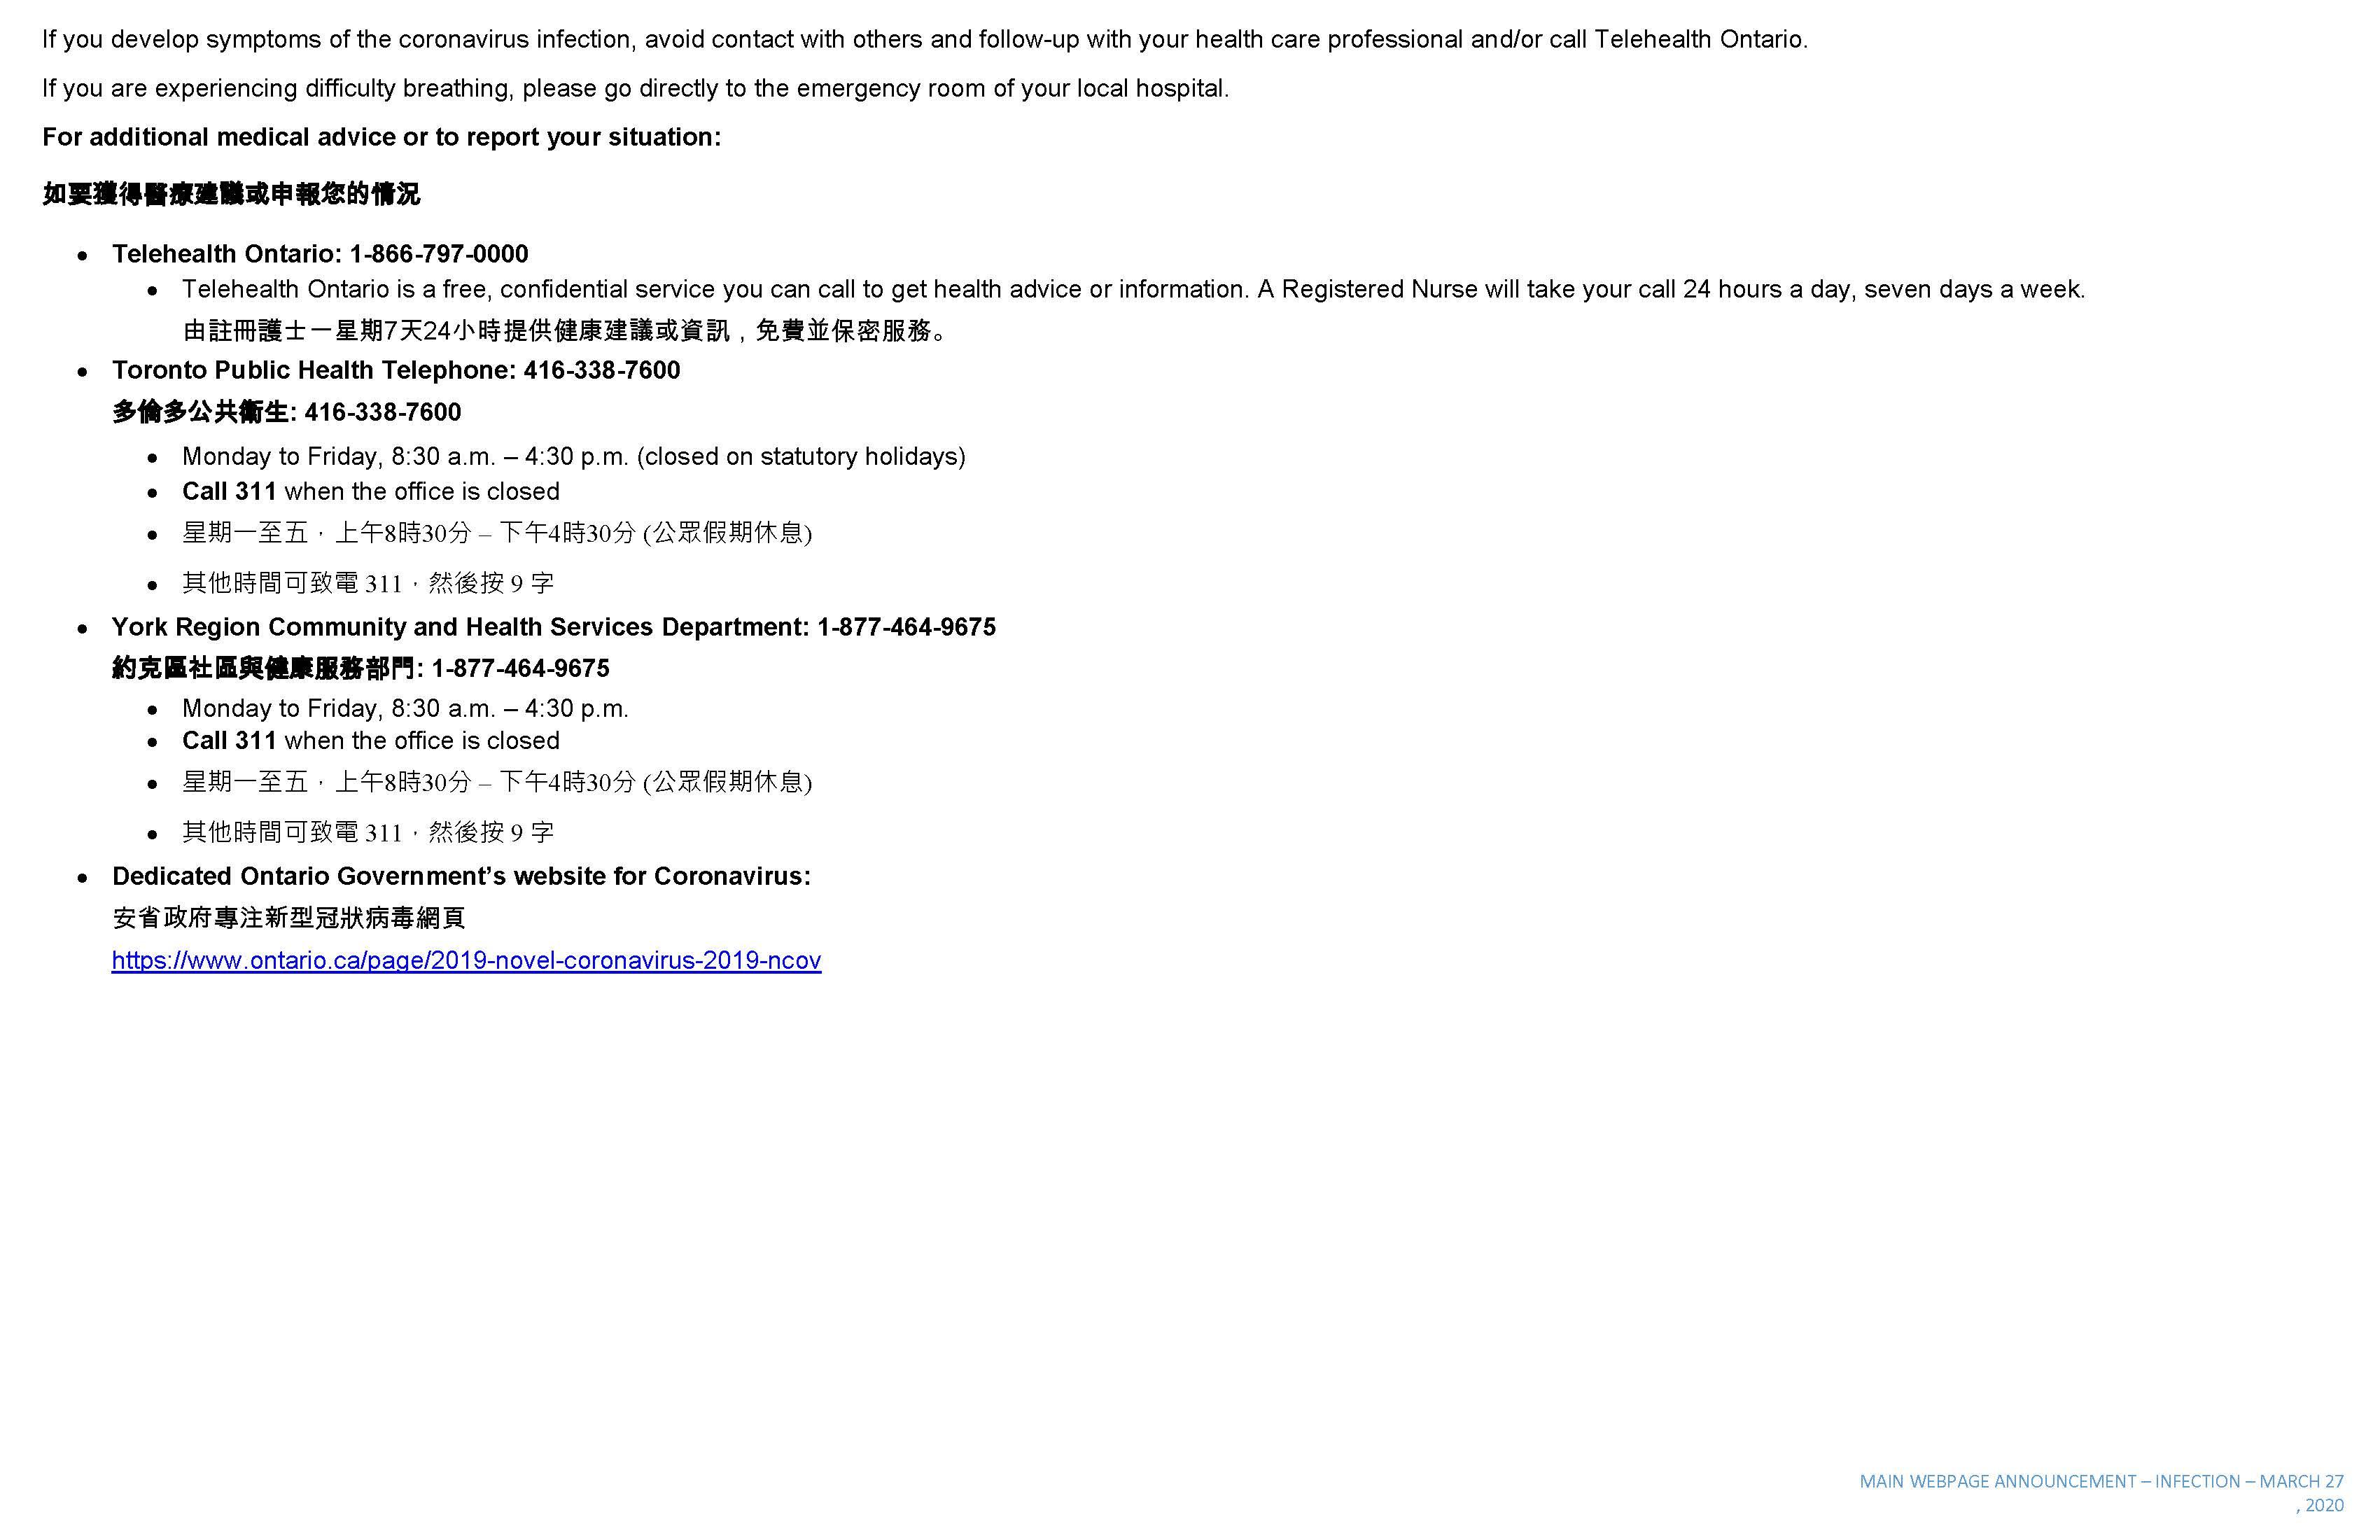 COVID-19 Notice Page 3